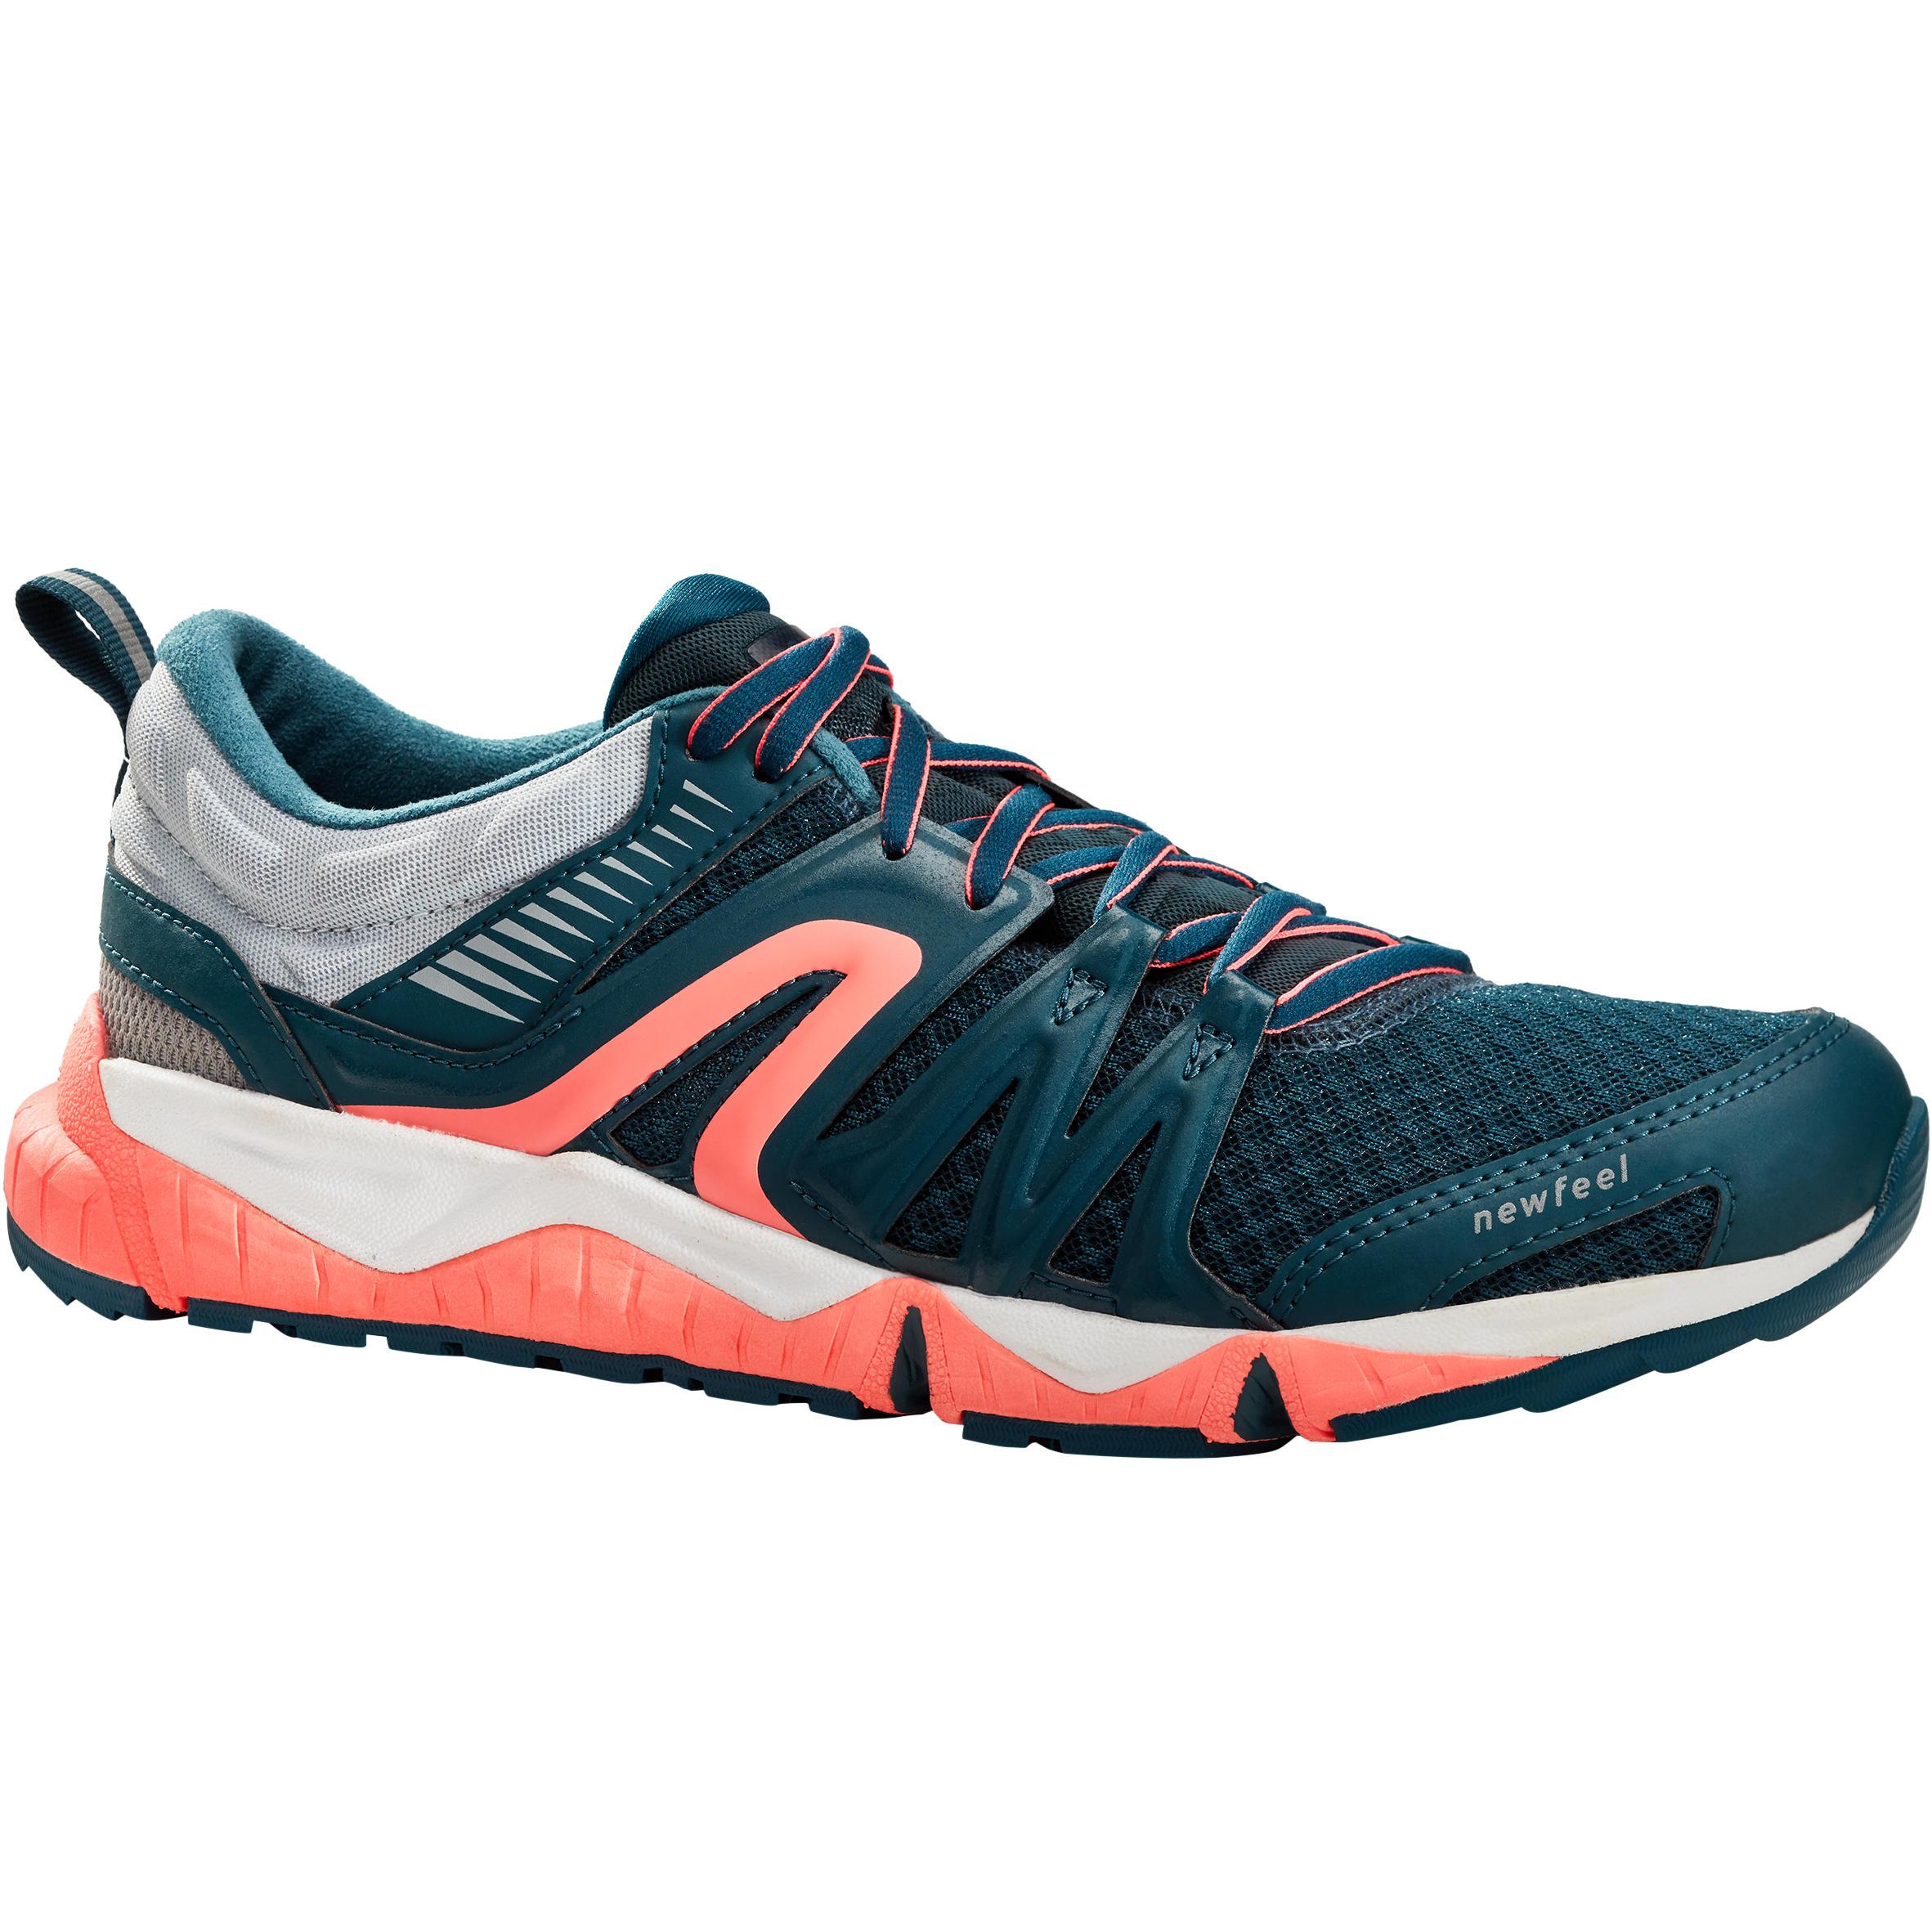 Newfeel Herensneakers voor sportief wandelen PW 900 Propulse Motion grijsblauw